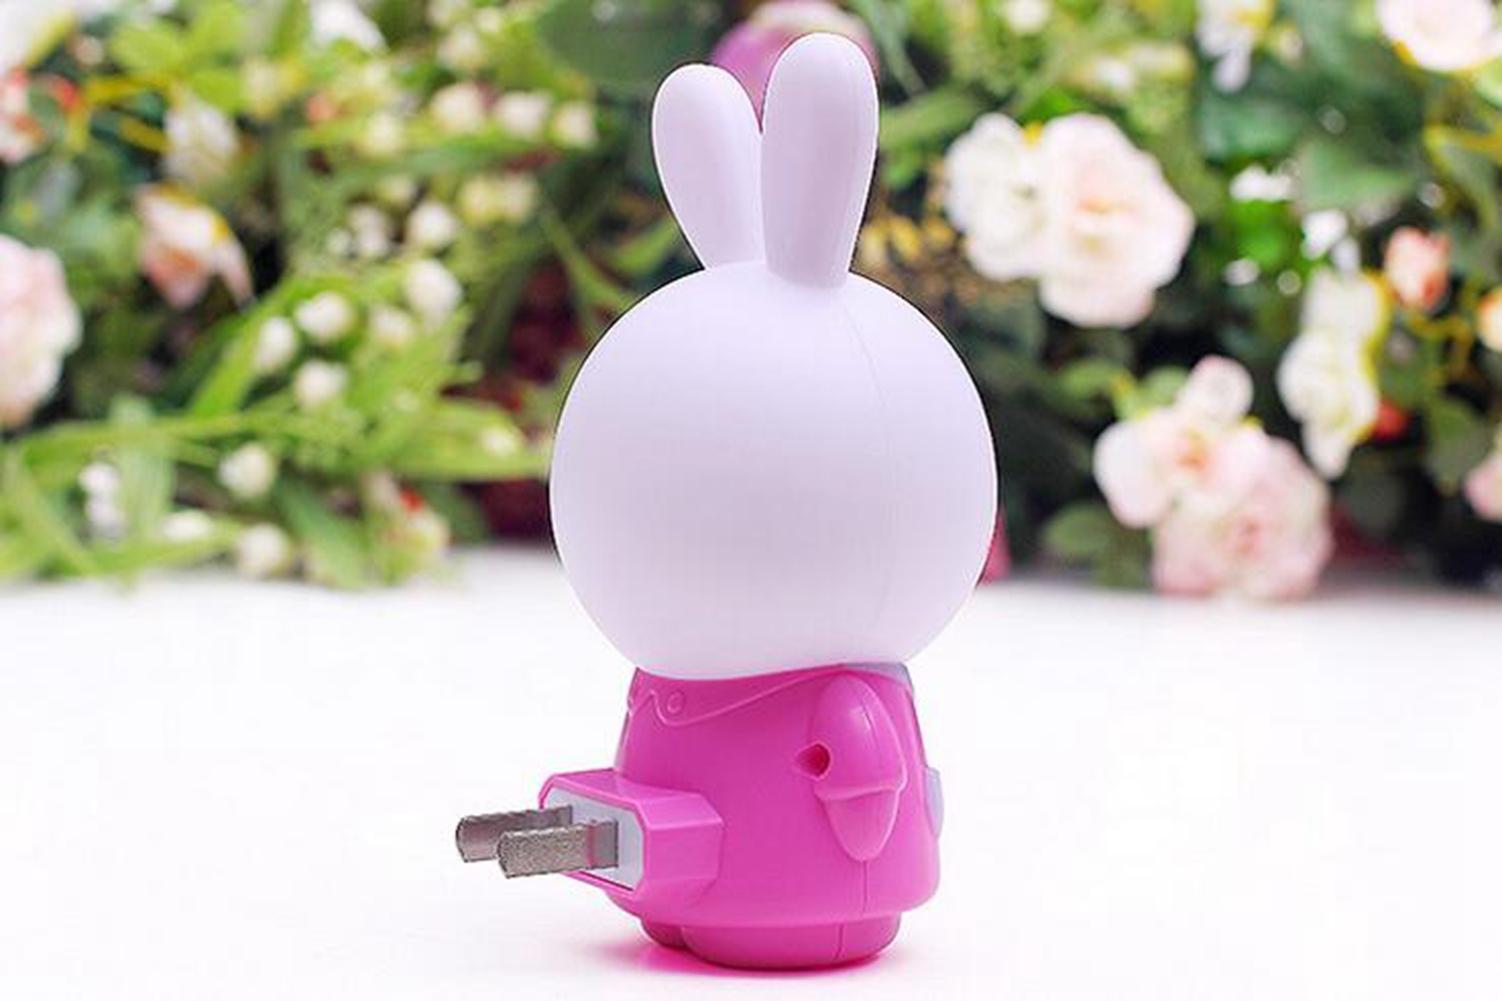 LumiParty Lovely Little Rabbit-shaped Night Lanp LED Night Light for children bedroom jk30